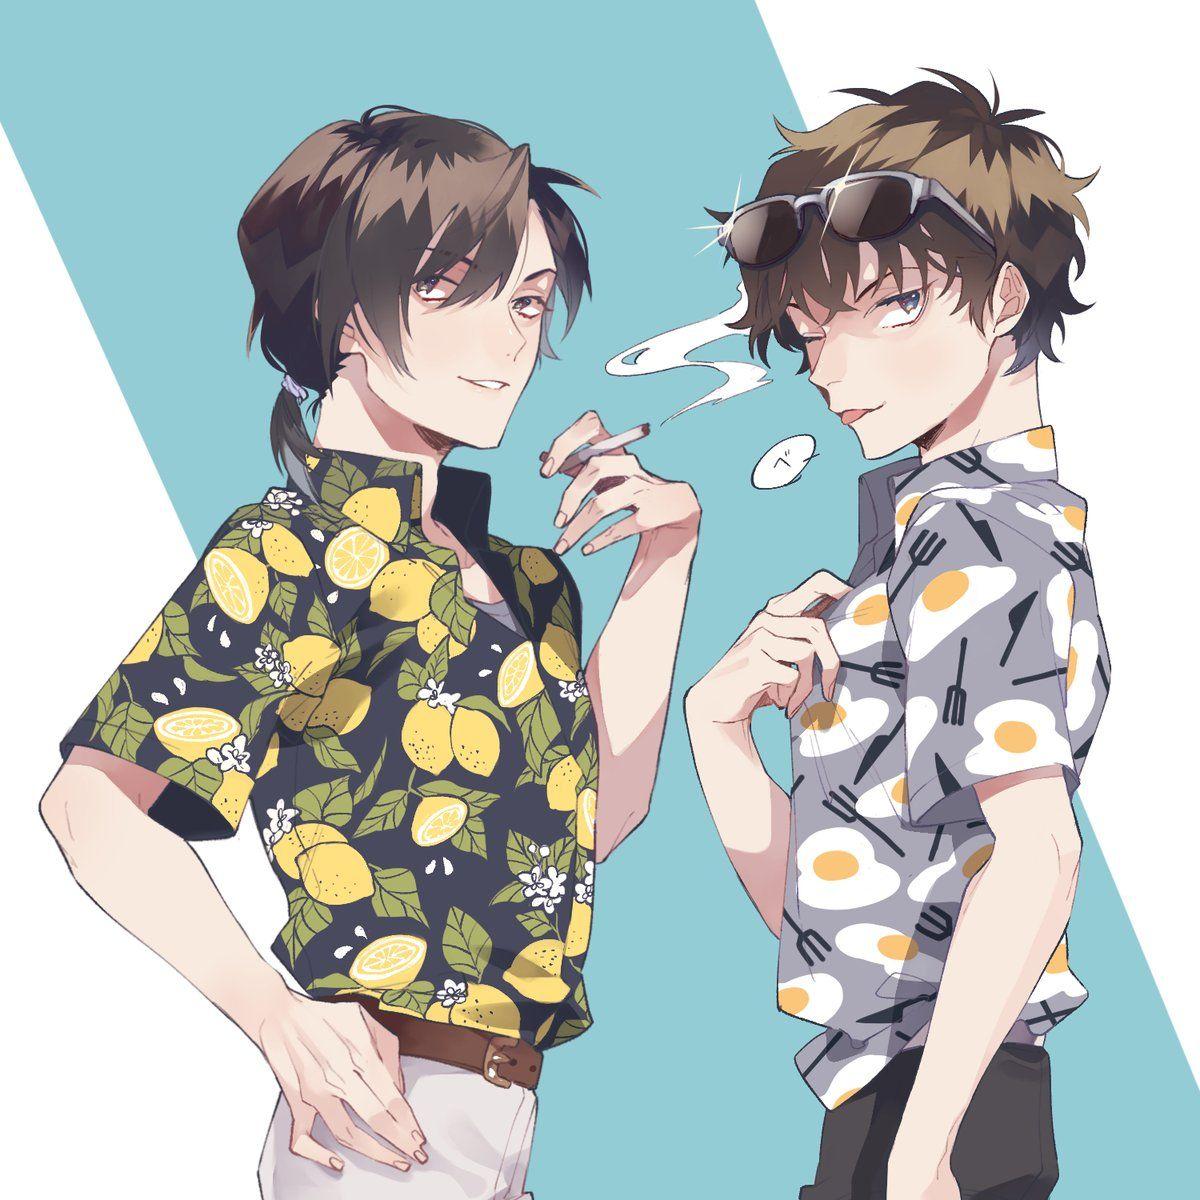 そば粉 on Detective, Anime, Conan